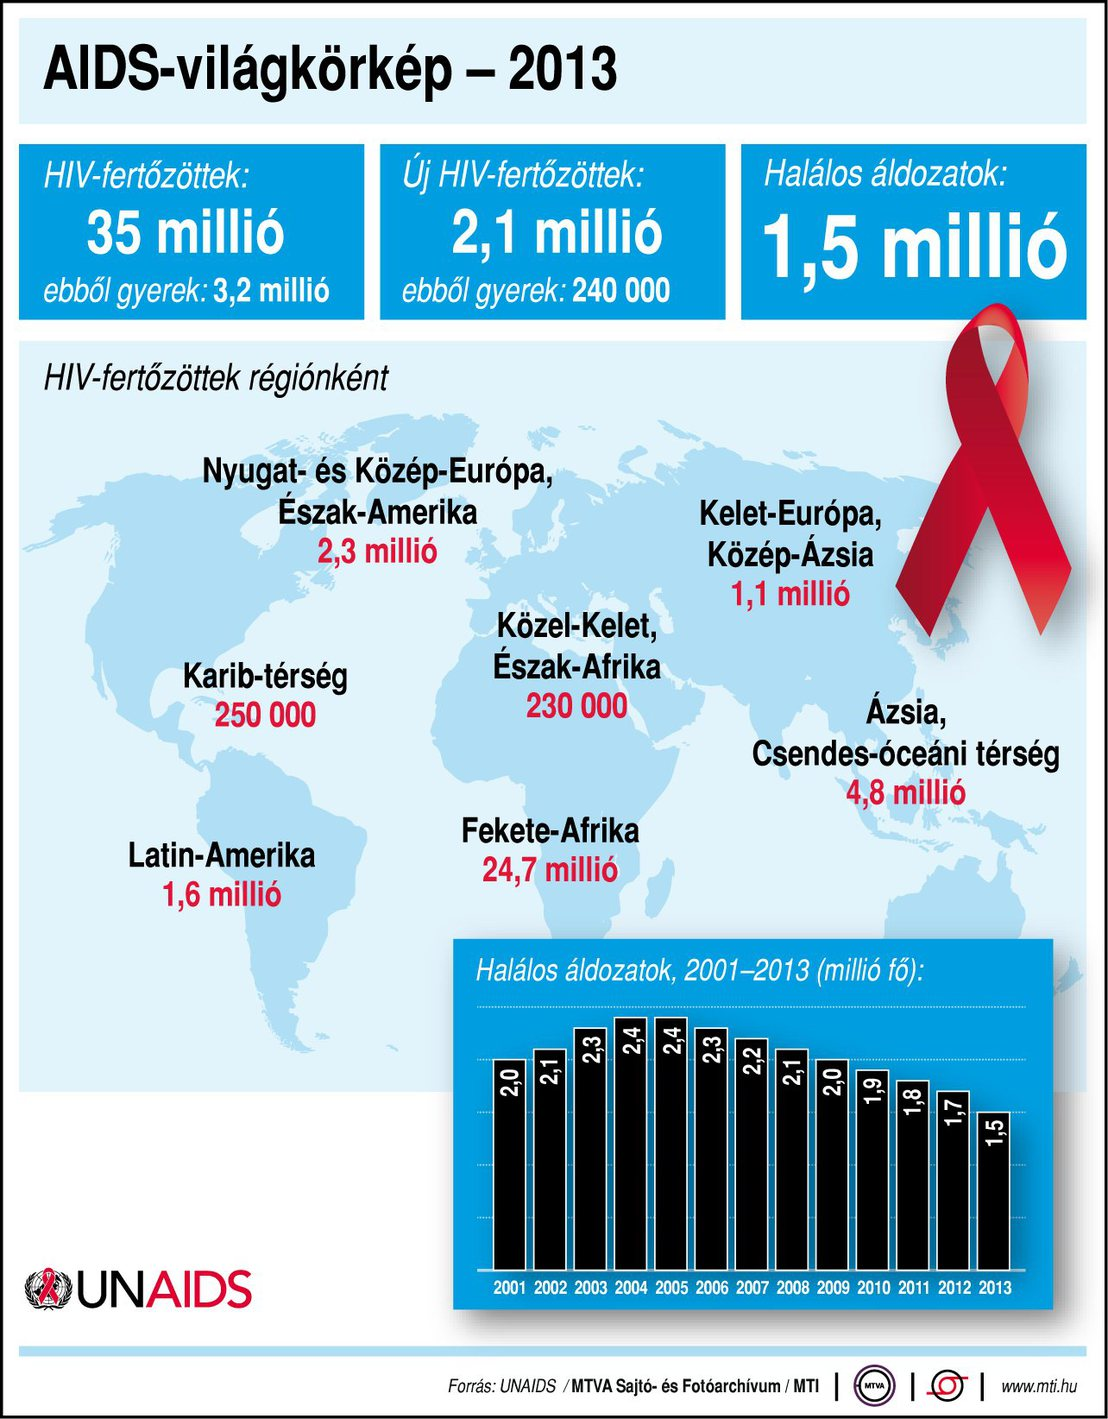 papilloma vírus az Egyesült Királyságban talpi szemölcs kezelés